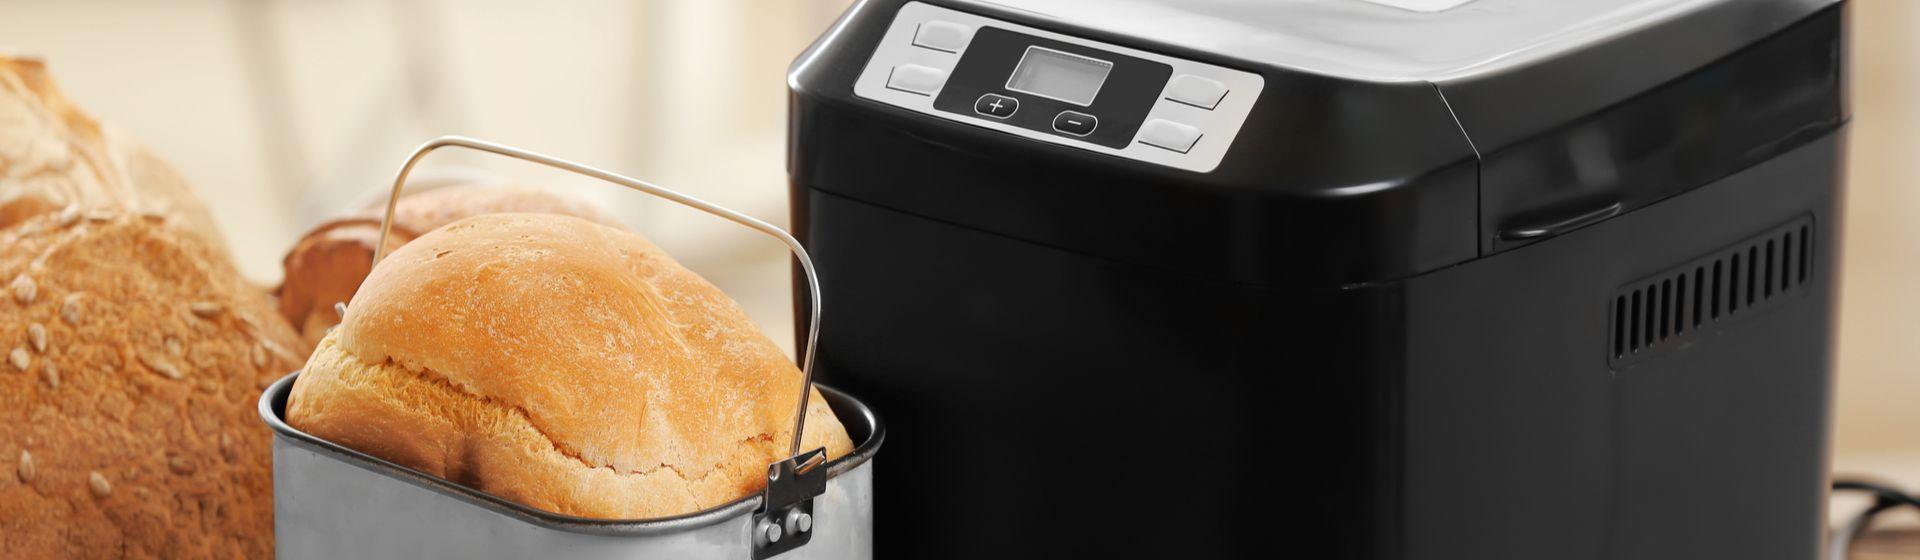 Máquina de fazer pão caseira: os melhores modelos de 2021